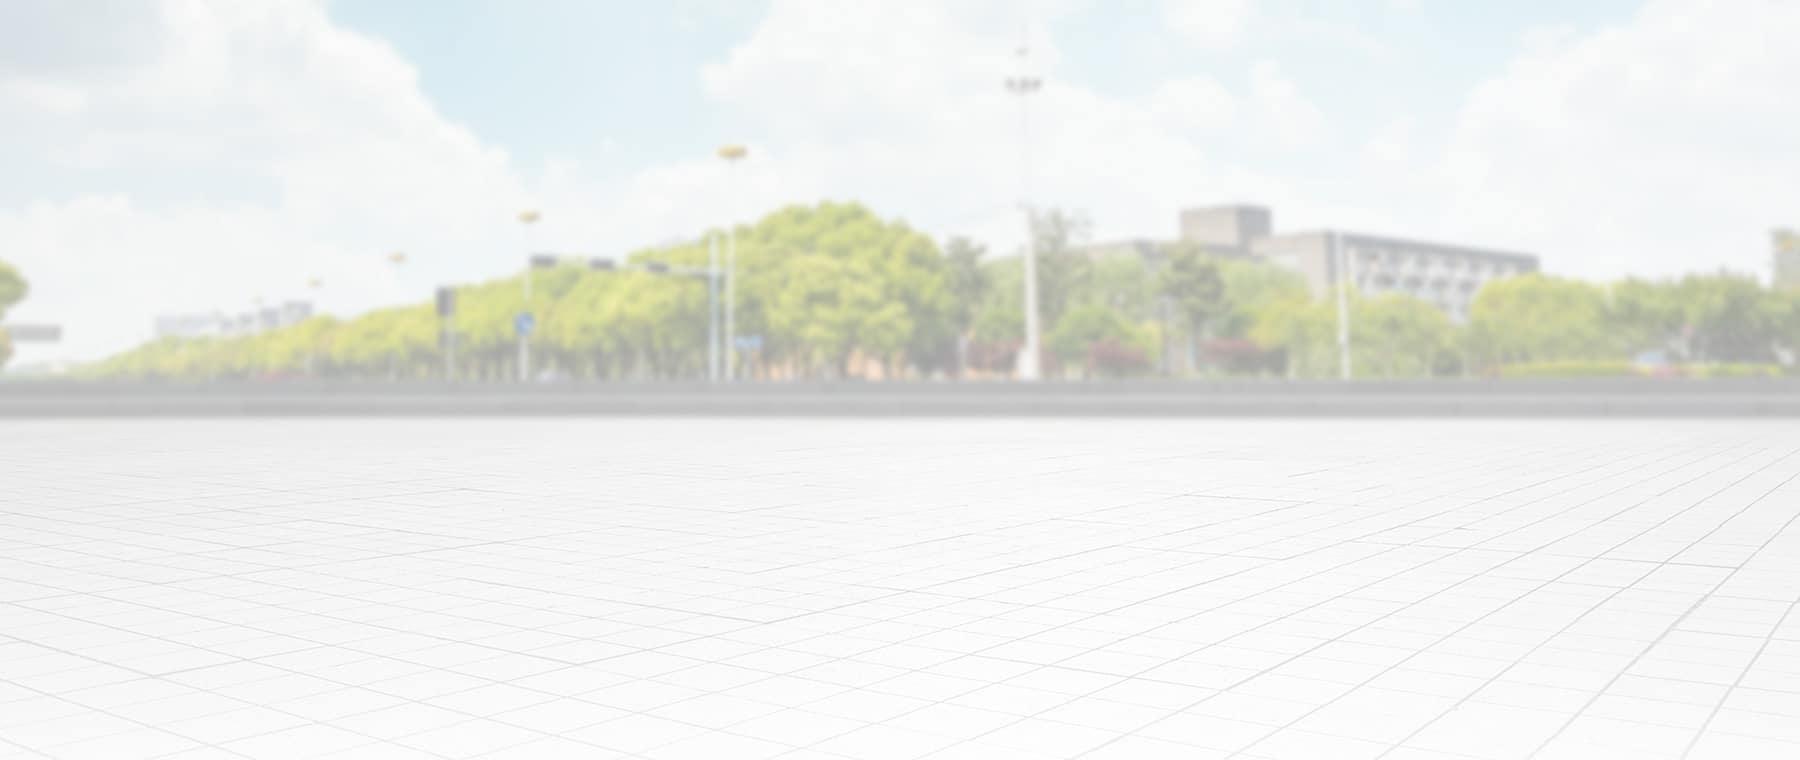 banner-promo-back-sdk-01-2021